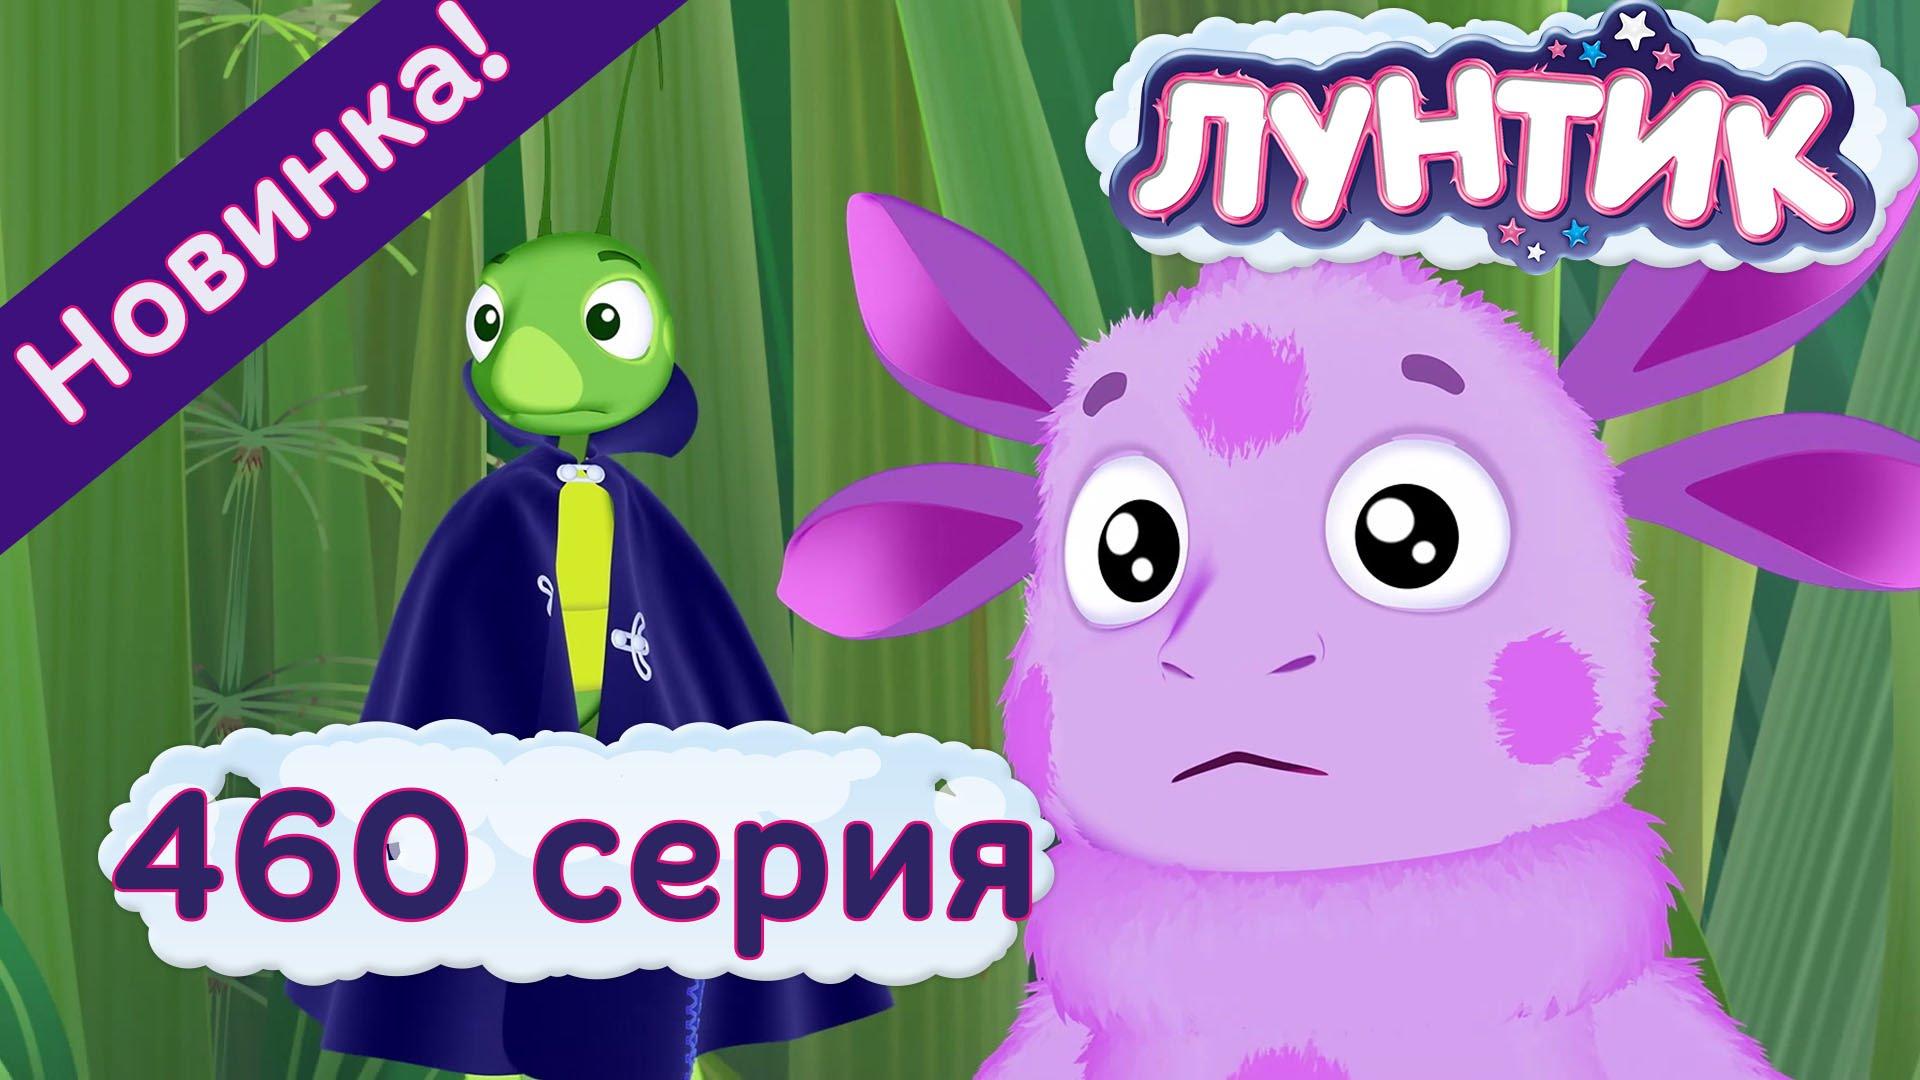 Снова любовь  Aşk yeniden смотреть онлайн все серии на